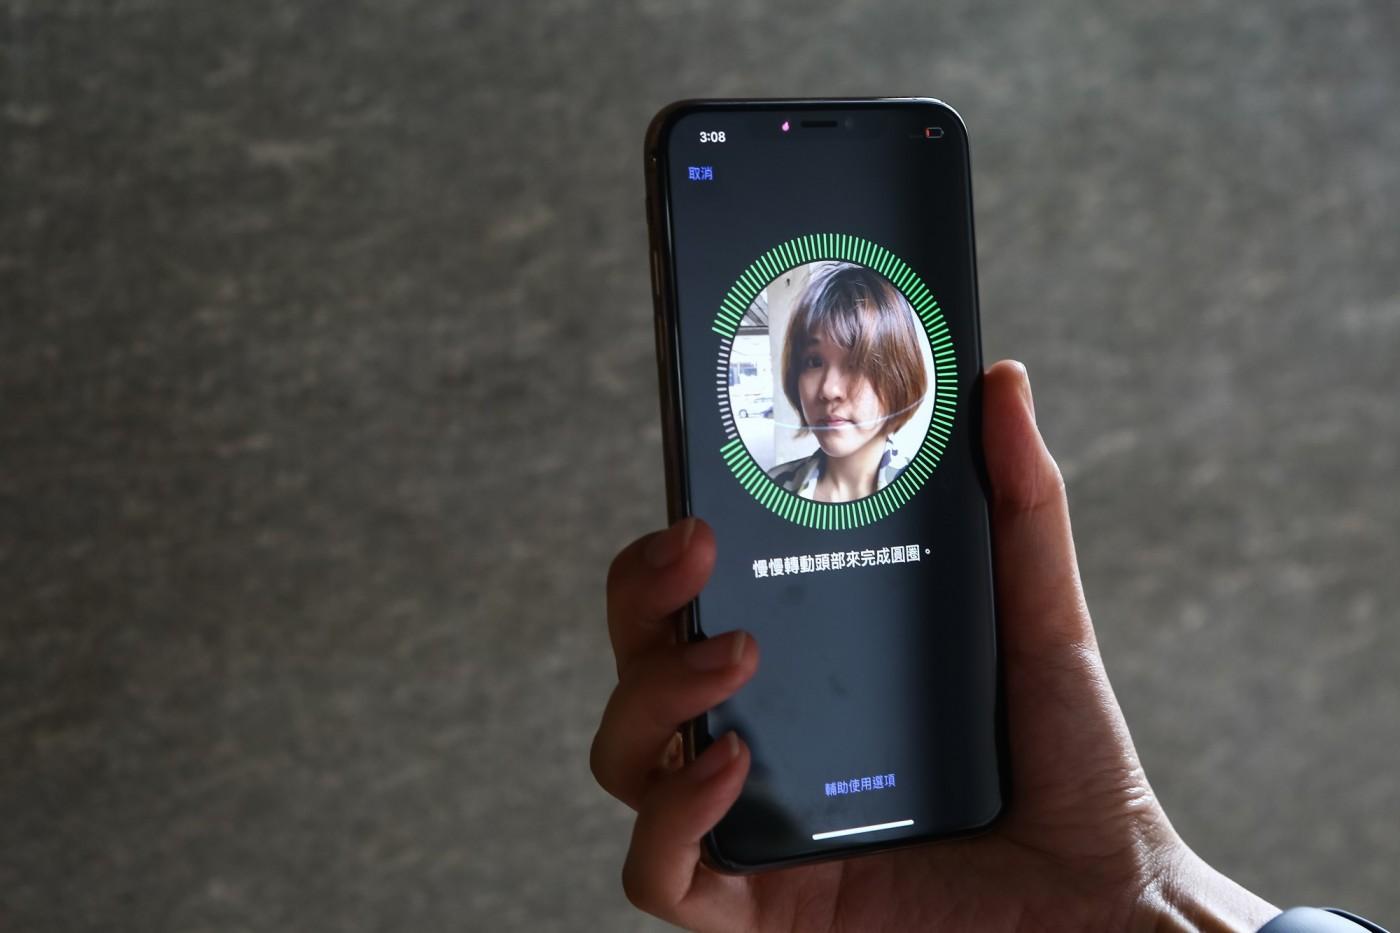 蘋果收購AI監控相機新創專利,傳將強化Face ID、AR拍照功能